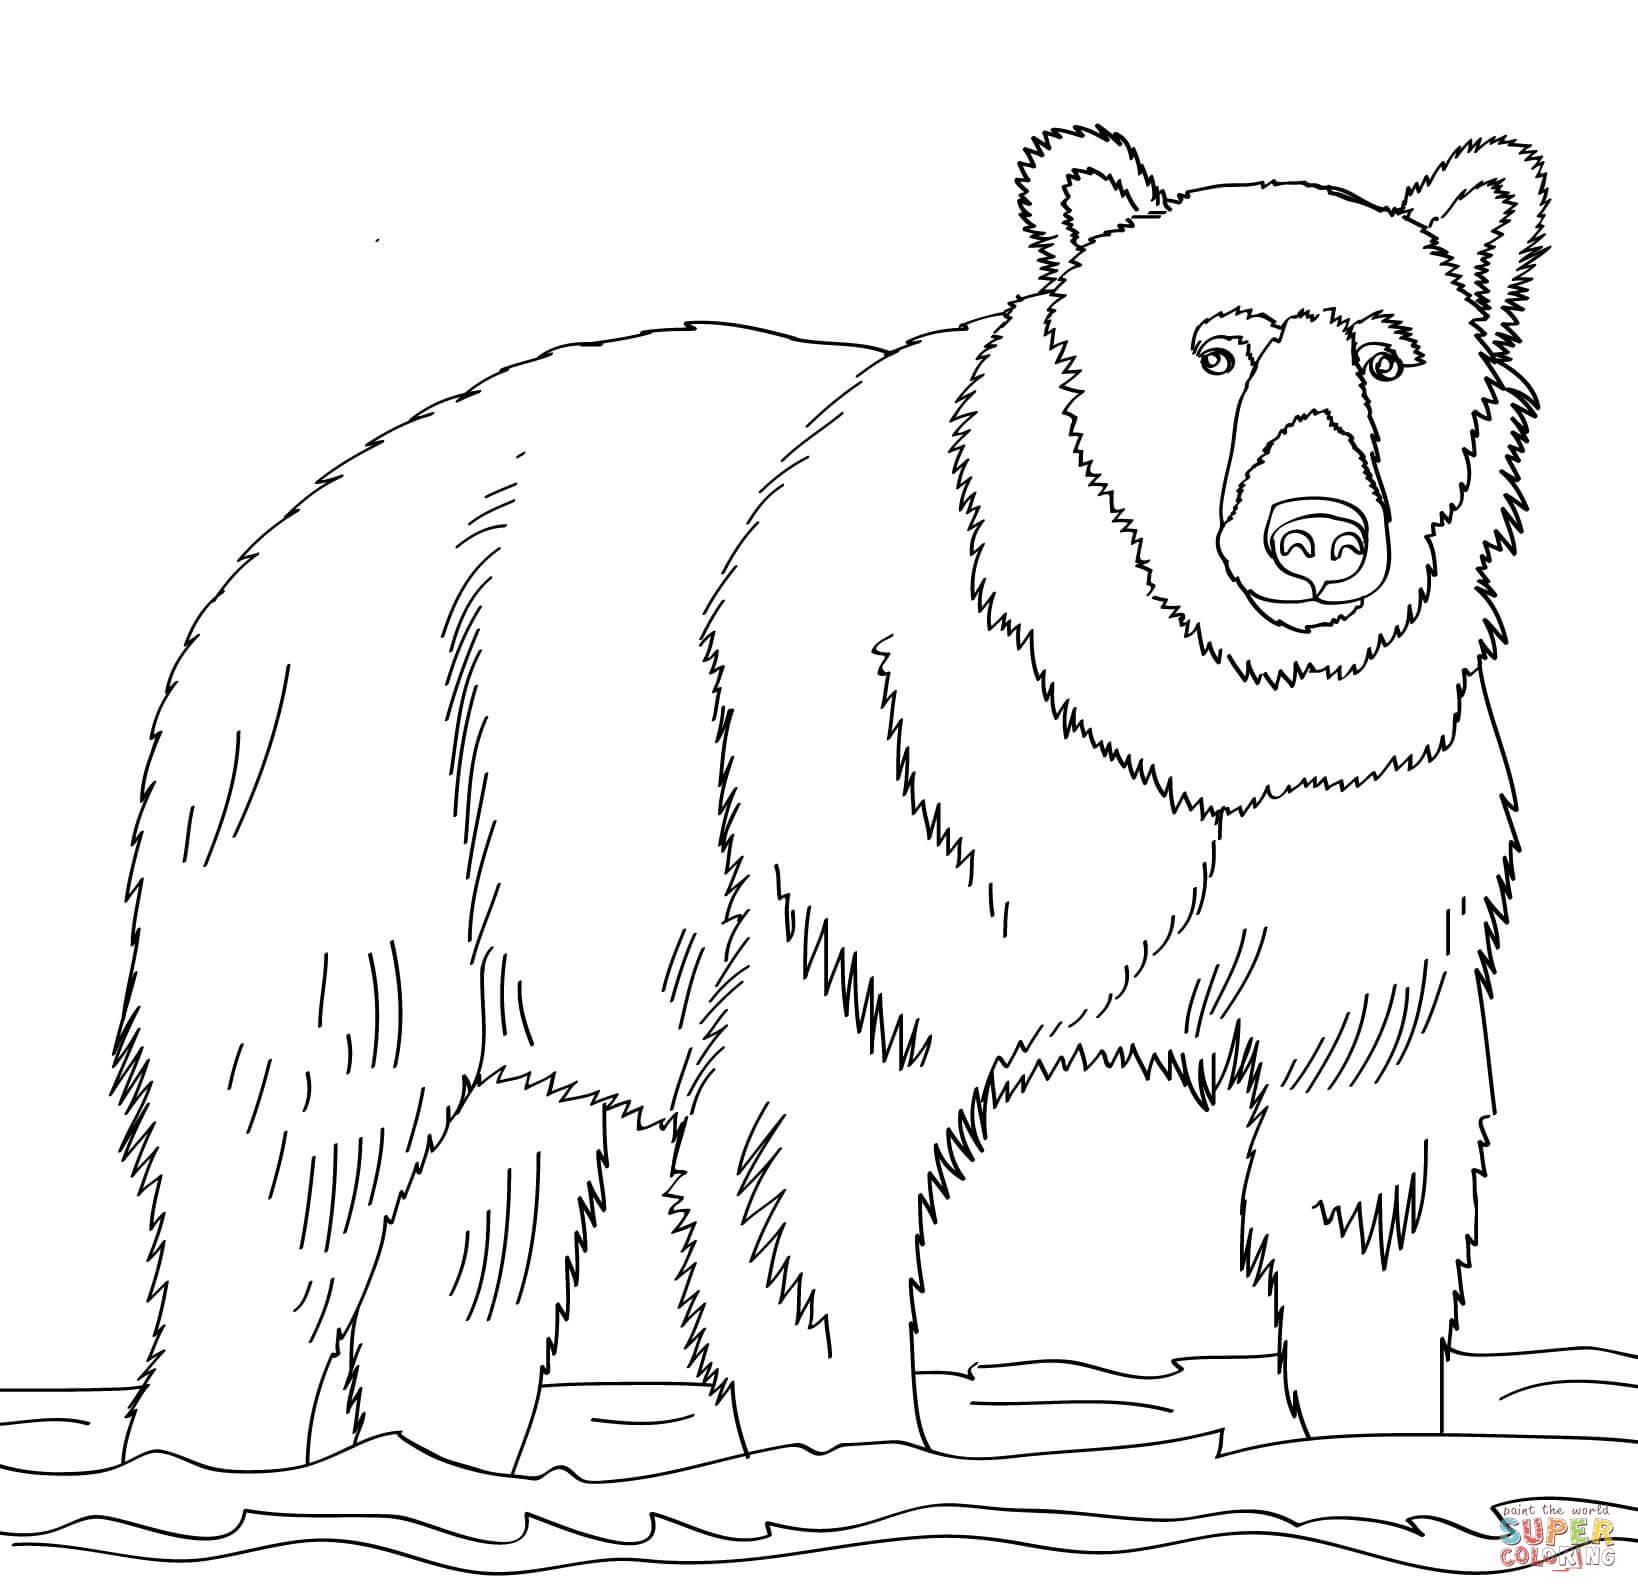 Ausmalbilder Bären - Malvorlagen Kostenlos Zum Ausdrucken bei Bären Bilder Zum Ausdrucken